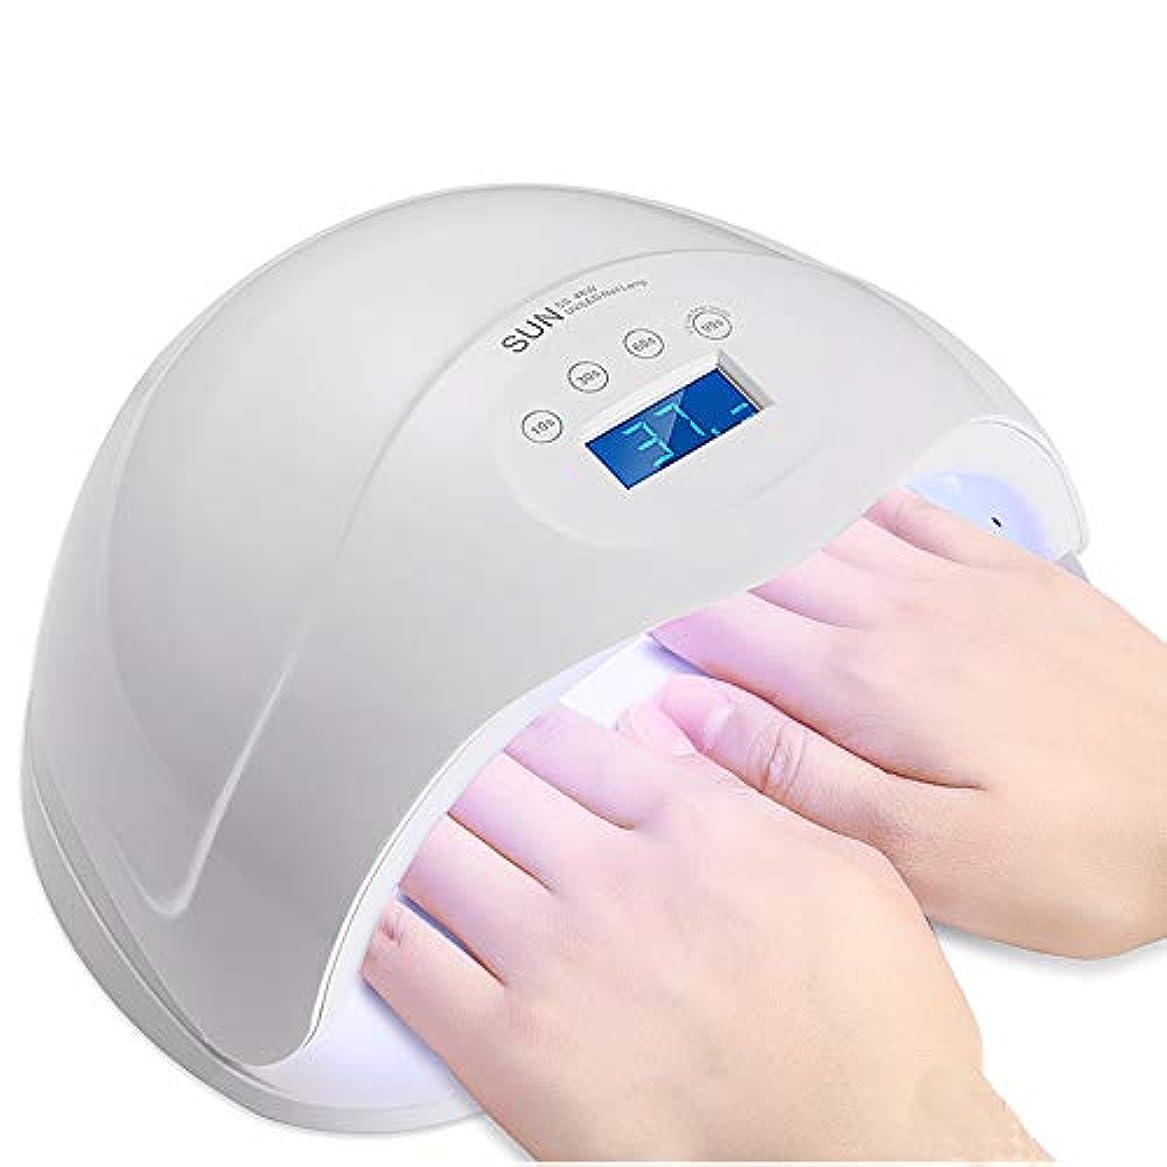 征服者失礼な崇拝する48W LCDディスプレイ付 LED+UV二重光源 ジェルネイル ネイルドライヤー ハイパワー 高速硬化 低ヒート機能 4段階タイマー (ホワイト)